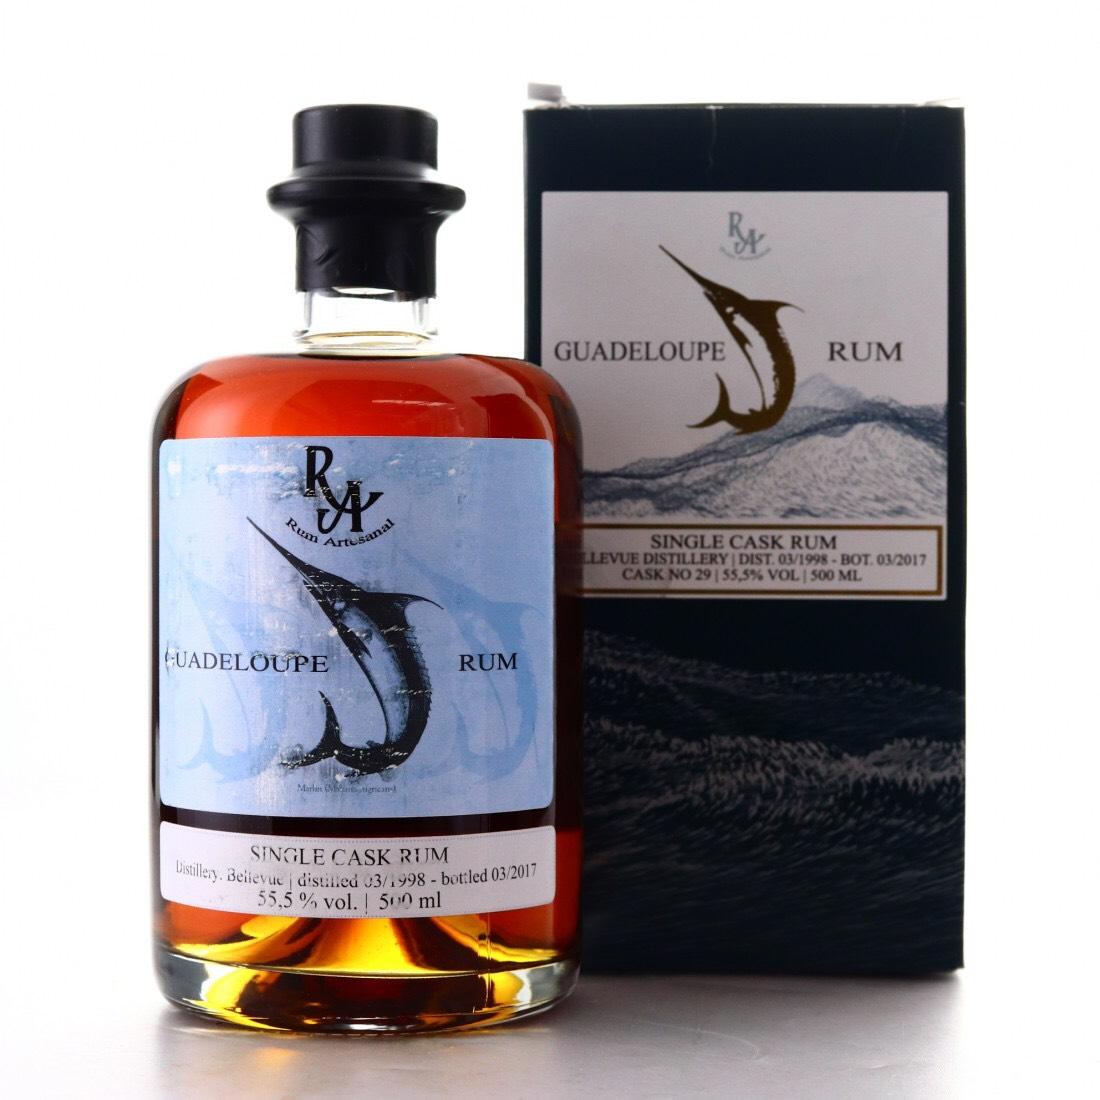 Bottle image of Rum Artesanal Guadeloupe Rum